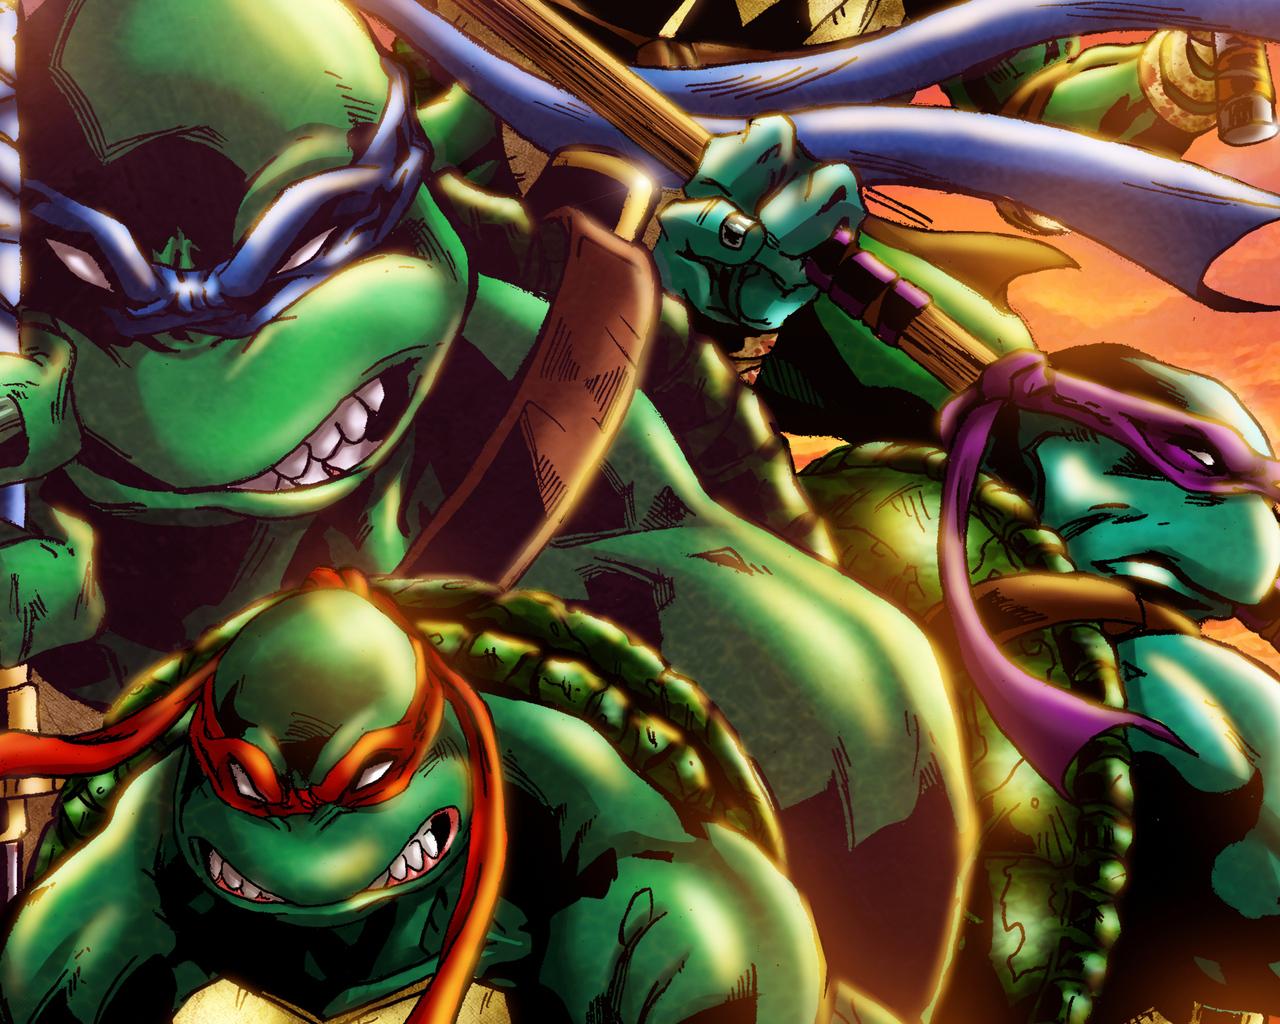 teenage-mutant-ninja-turtles-art-61.jpg